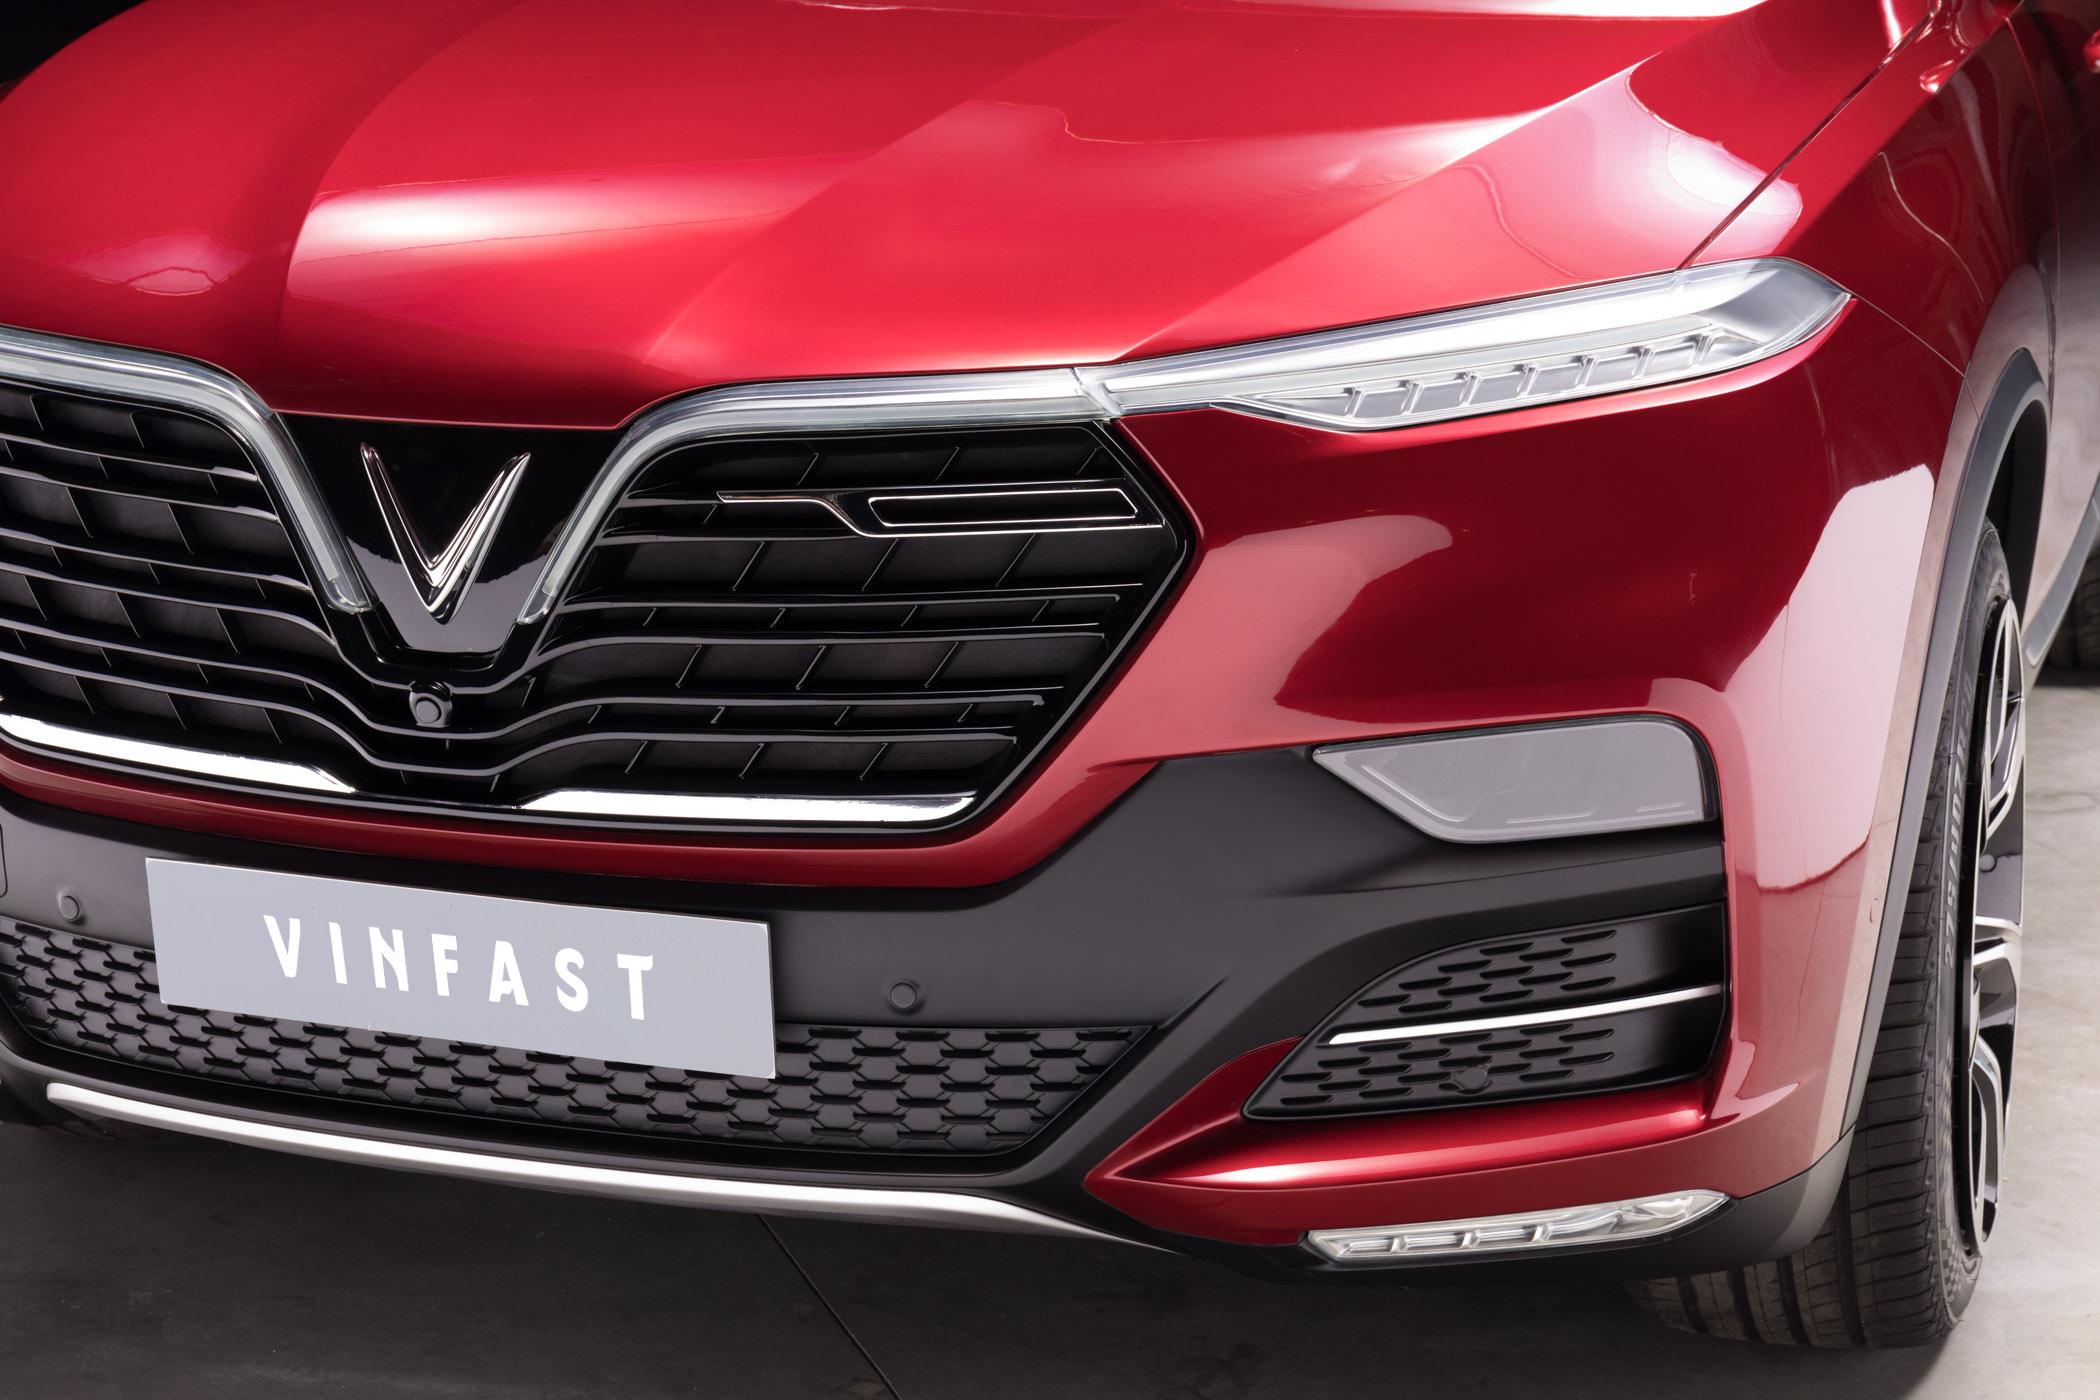 Vinfast - Tôn vinh vẻ đẹp kiêu hãnh và tràn đầy năng lượng 3